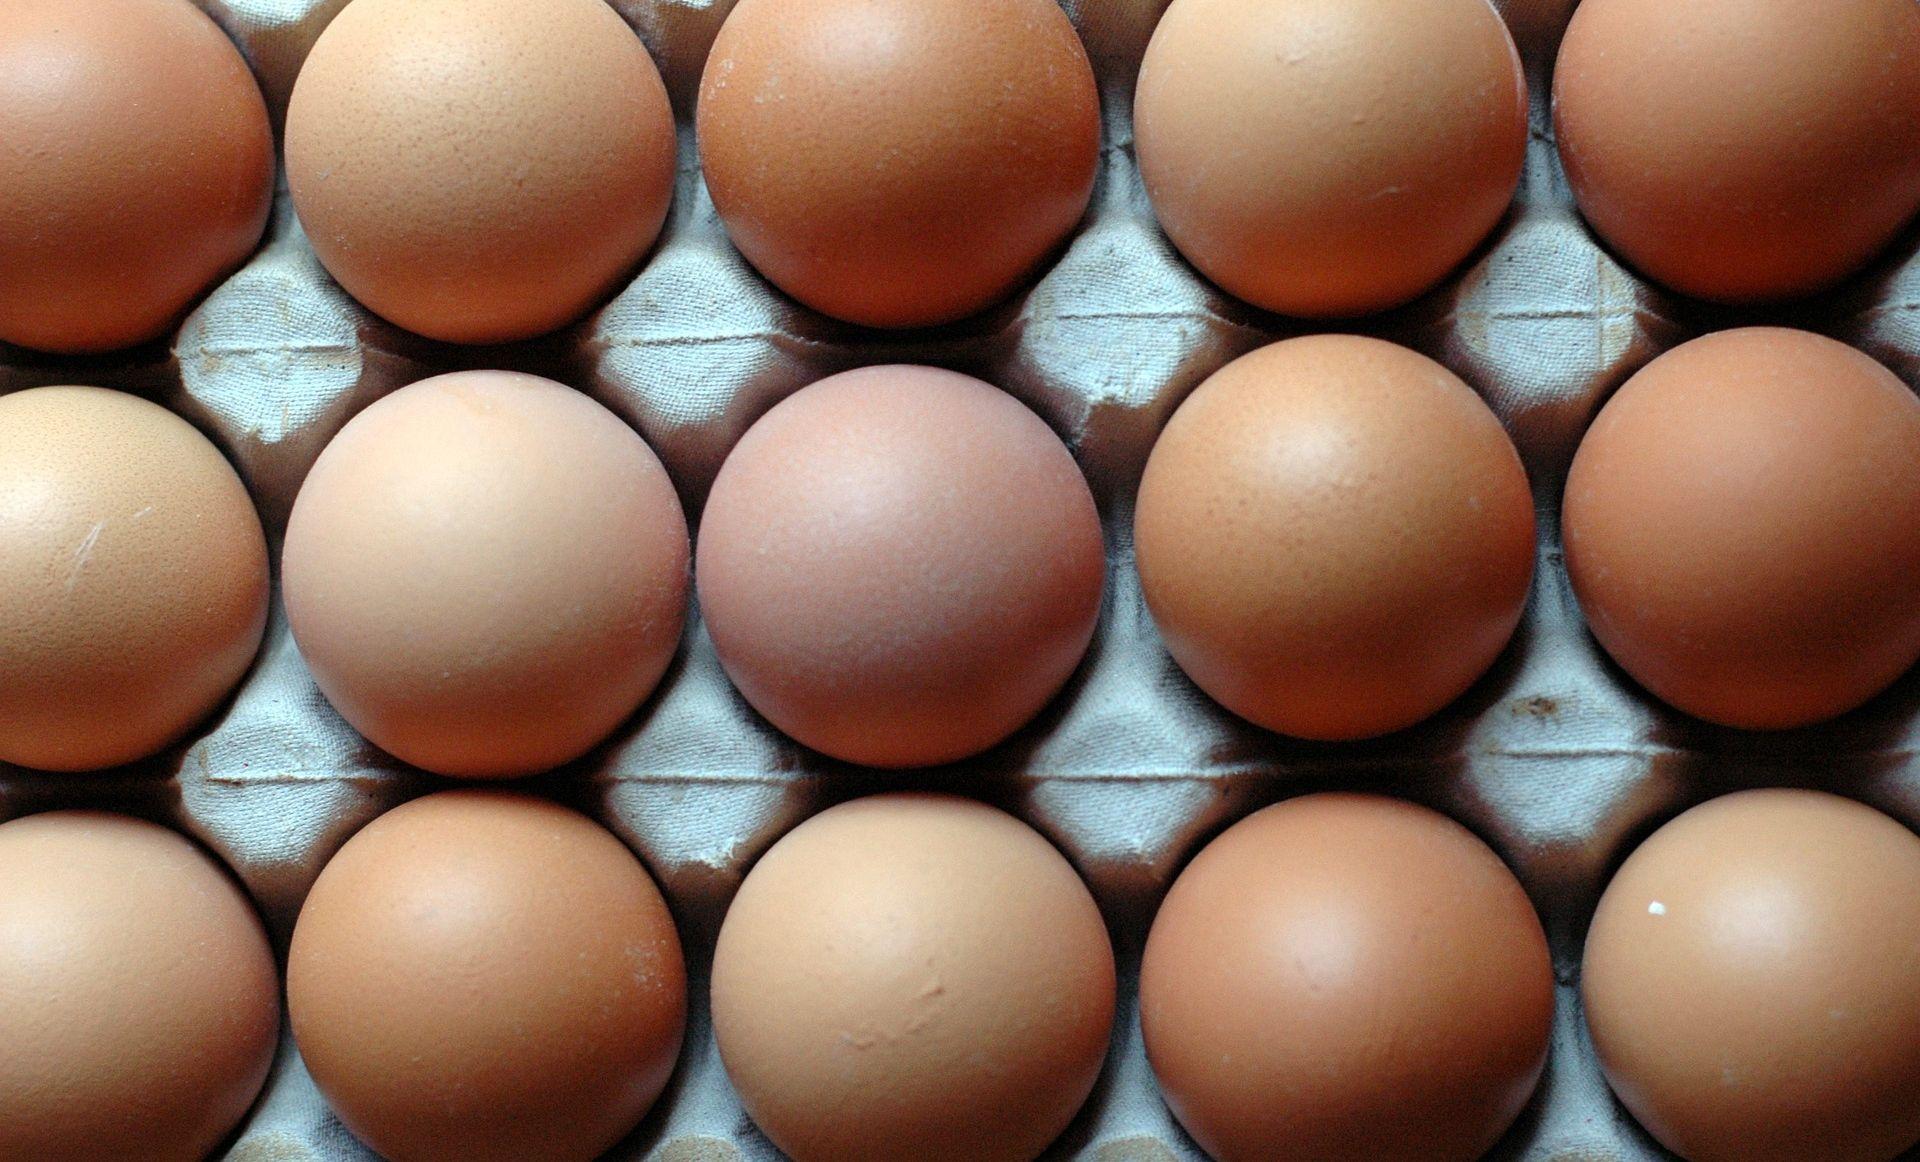 TROVANJE SALMONELOM Bakterija nije dokazana u sumnjivim jajima iz trgovačkog centra